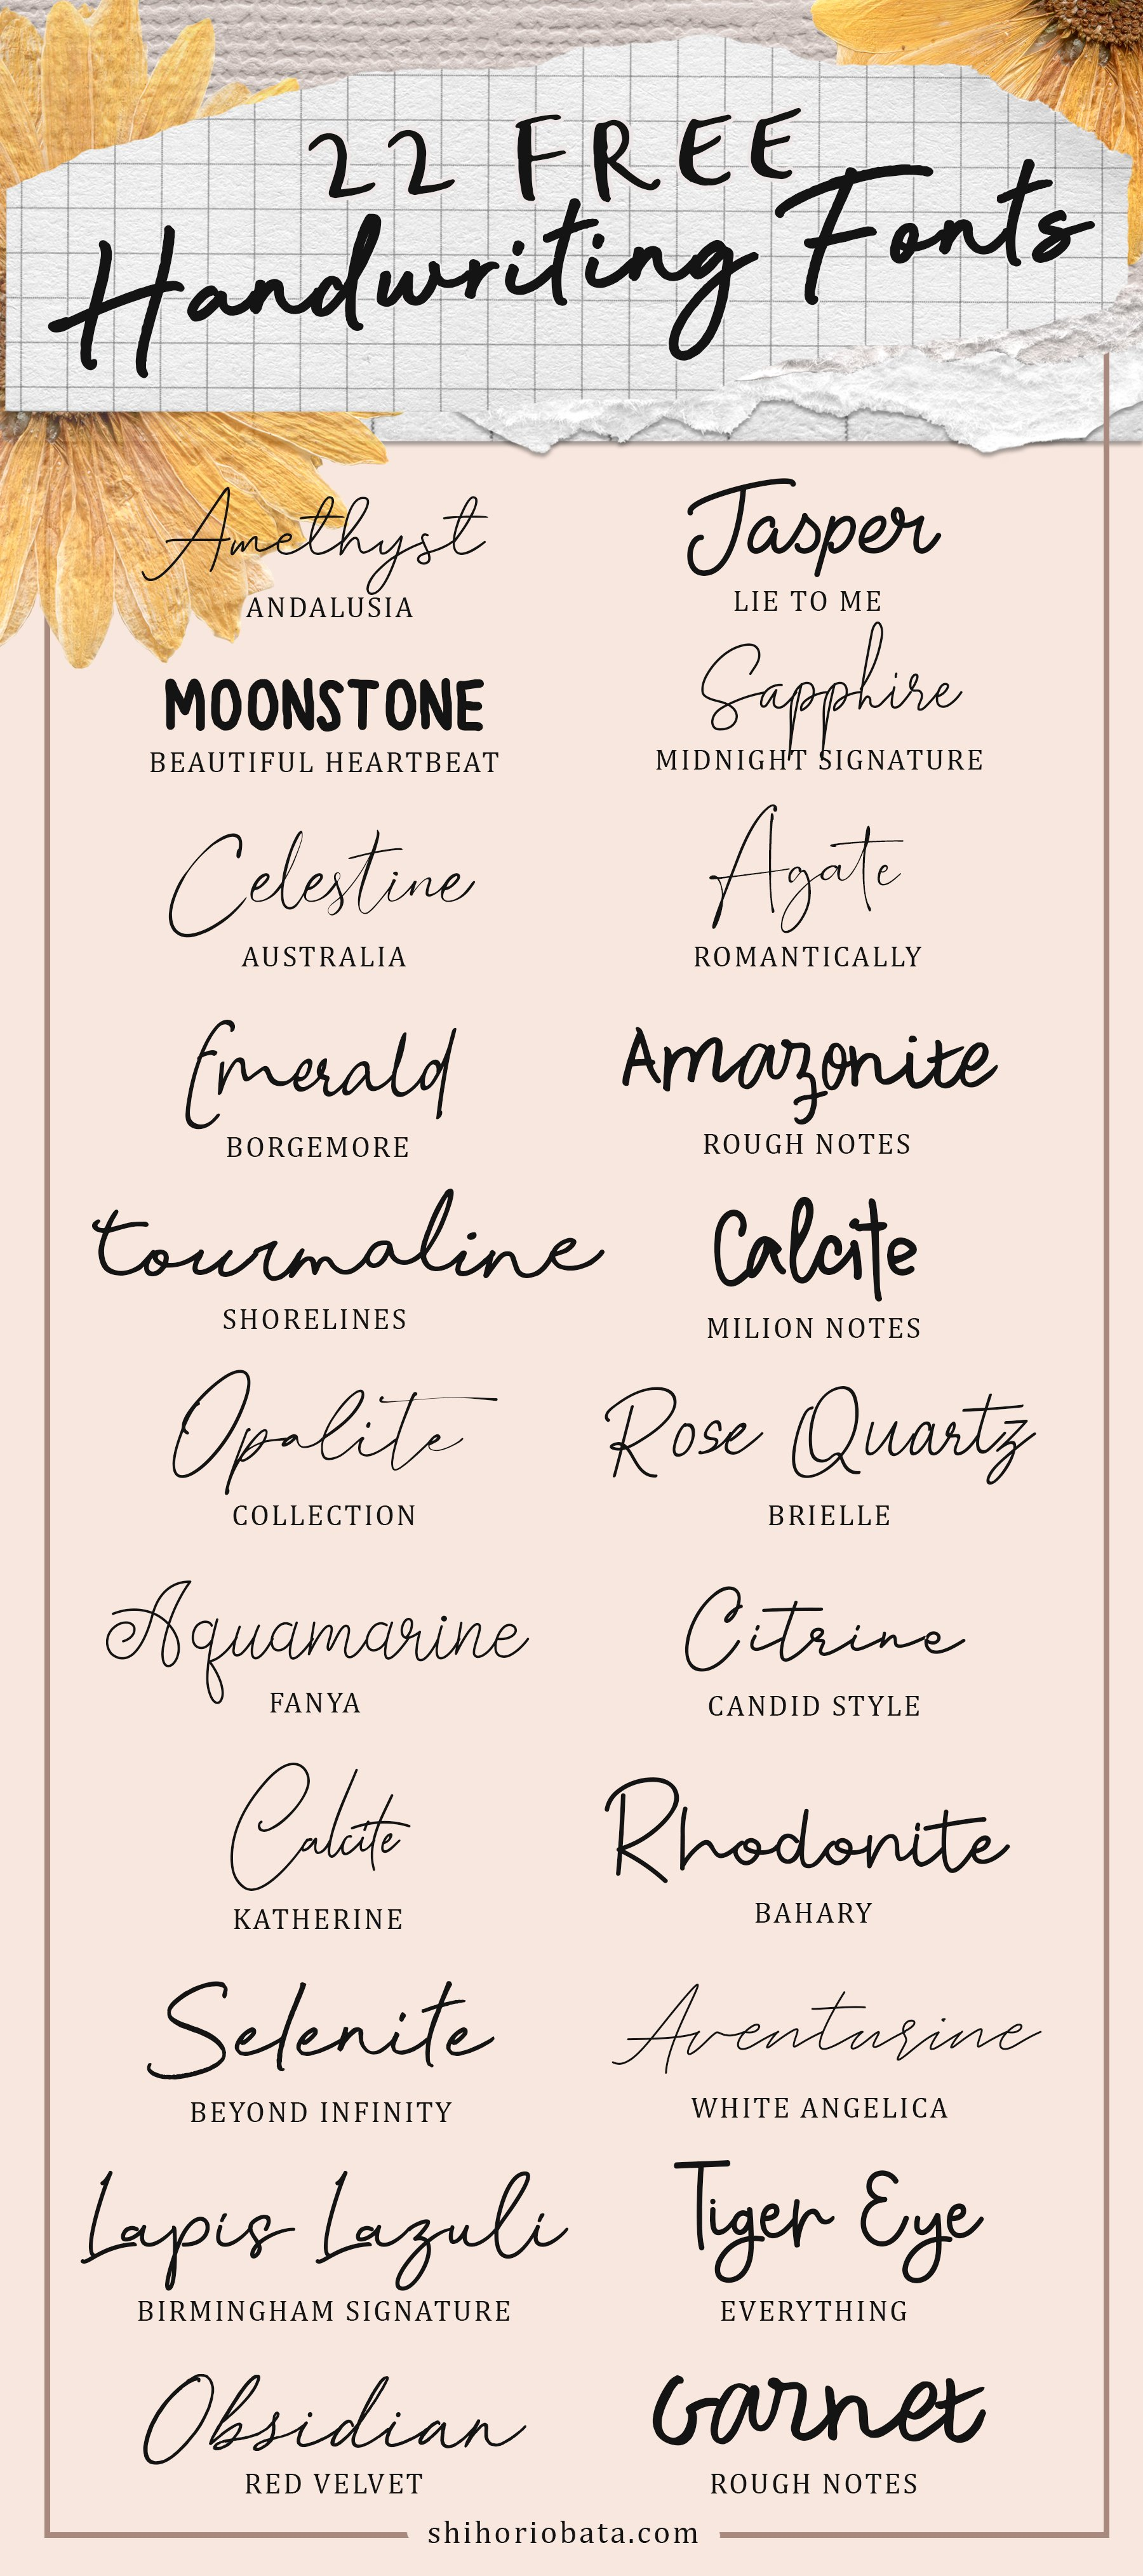 22 Free Handwriting Fonts #fonts